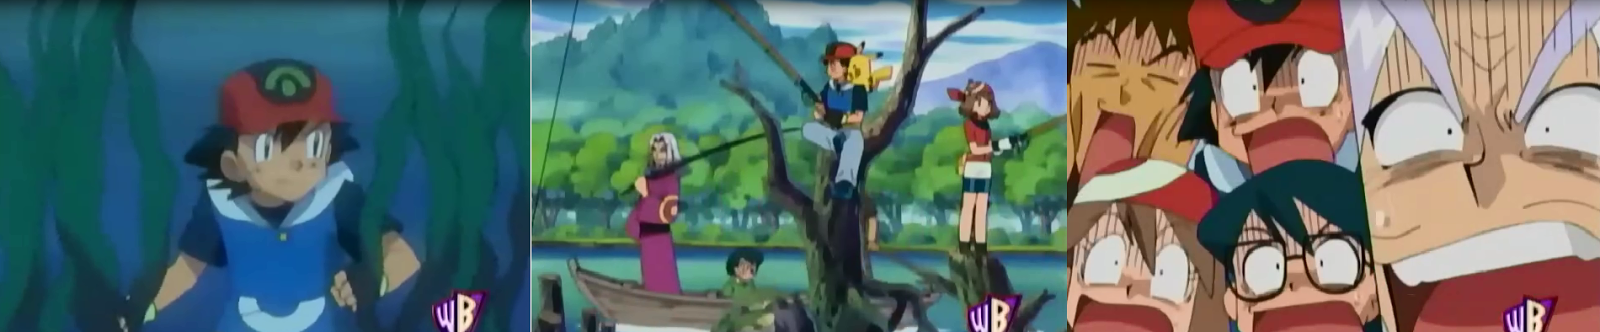 Pokémon -  Capítulo 35 - Temporada 7 - Audio Latino